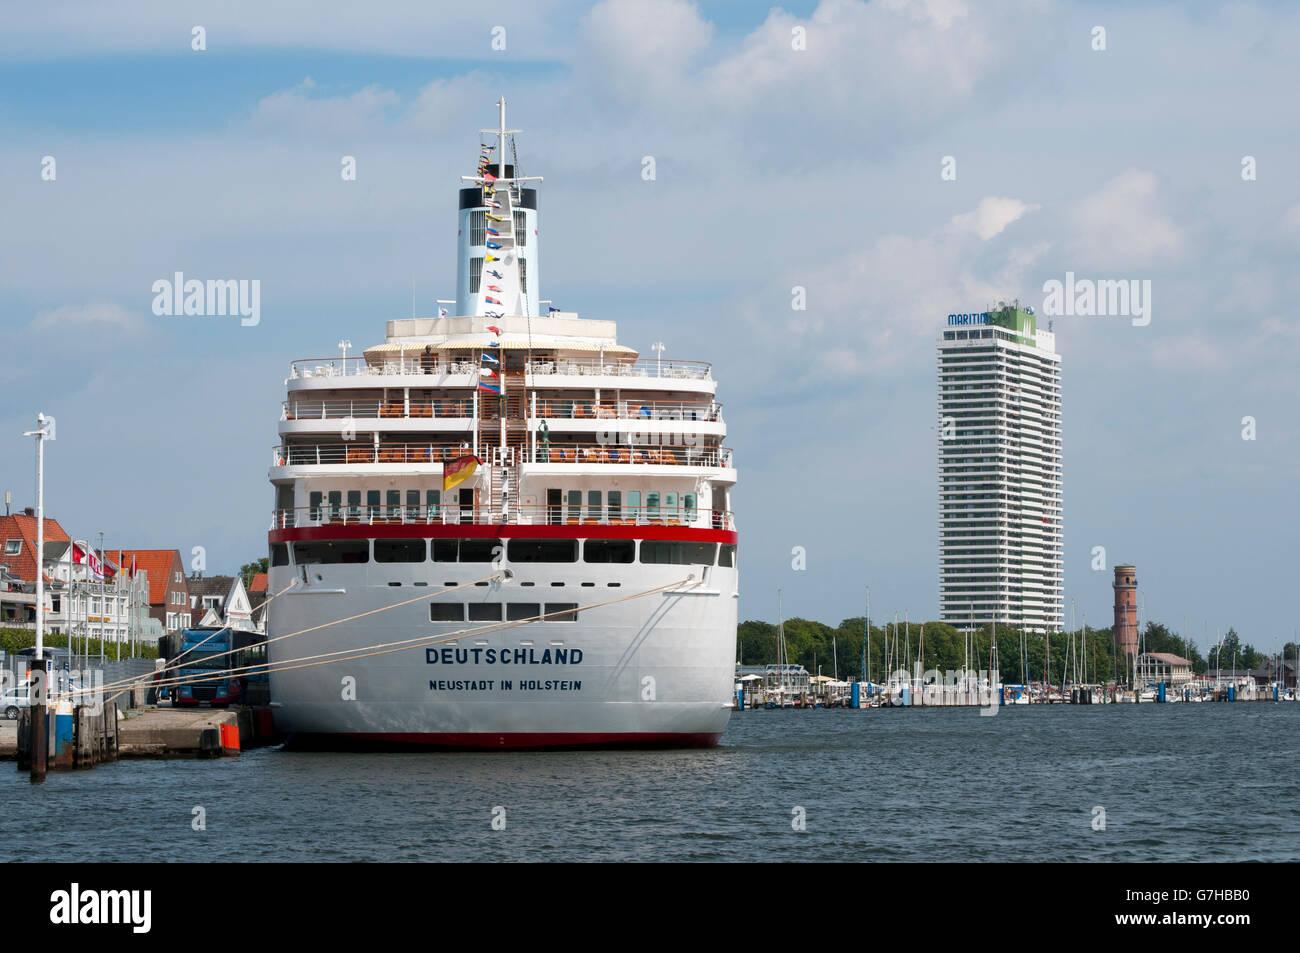 MS Deutschland, cruise liner, Martitim Hotel at back, Travemuende, Baltic Sea, Schleswig-Holstein, PublicGround - Stock Image